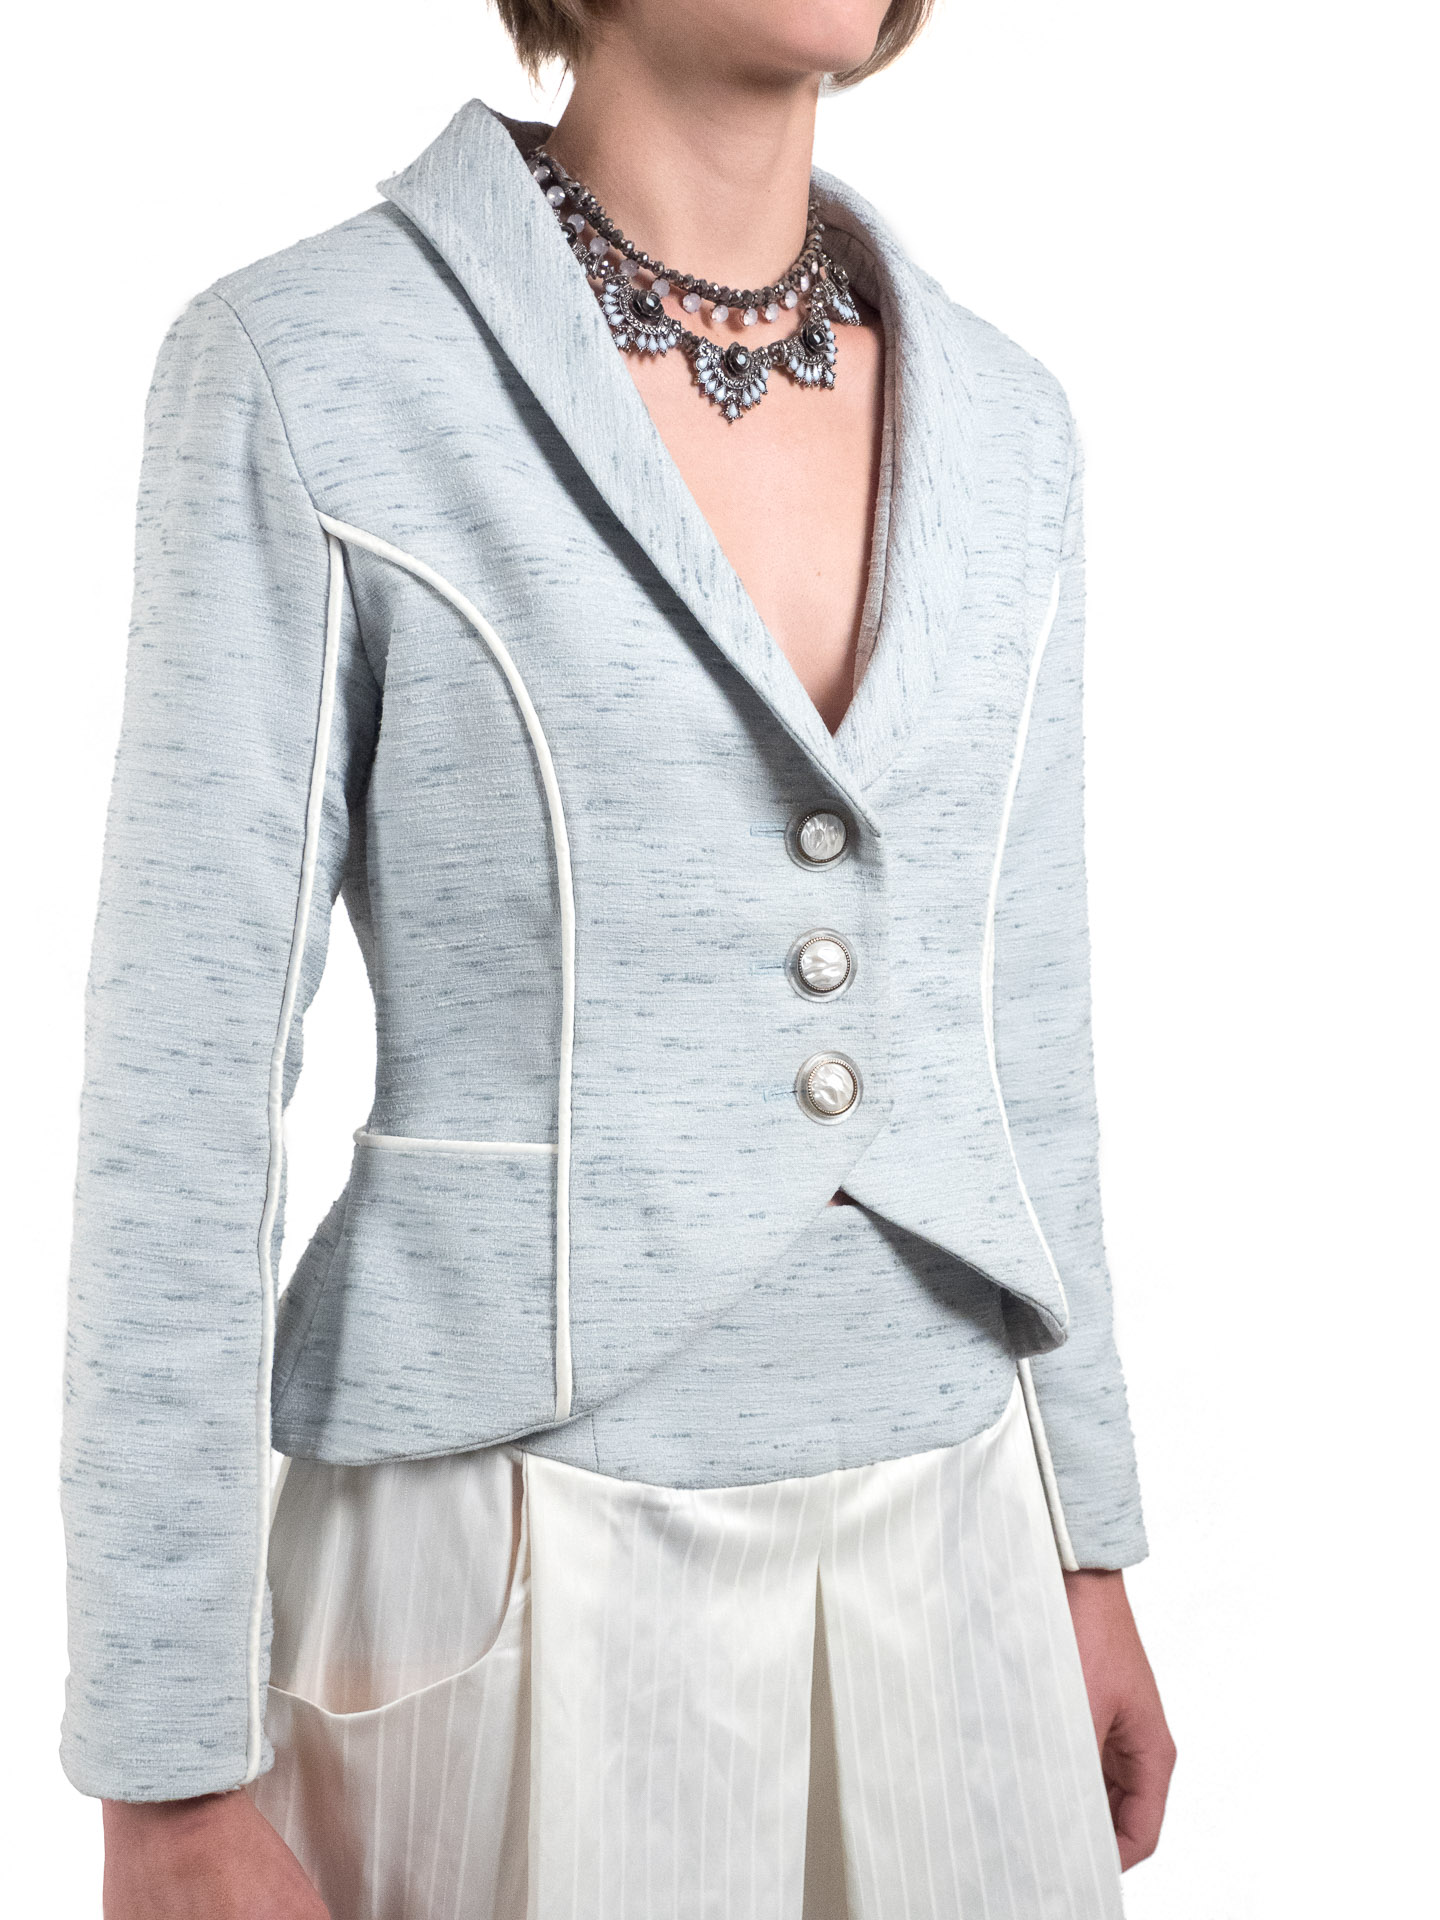 Hiatt.Peter.Fashion-12.jpg